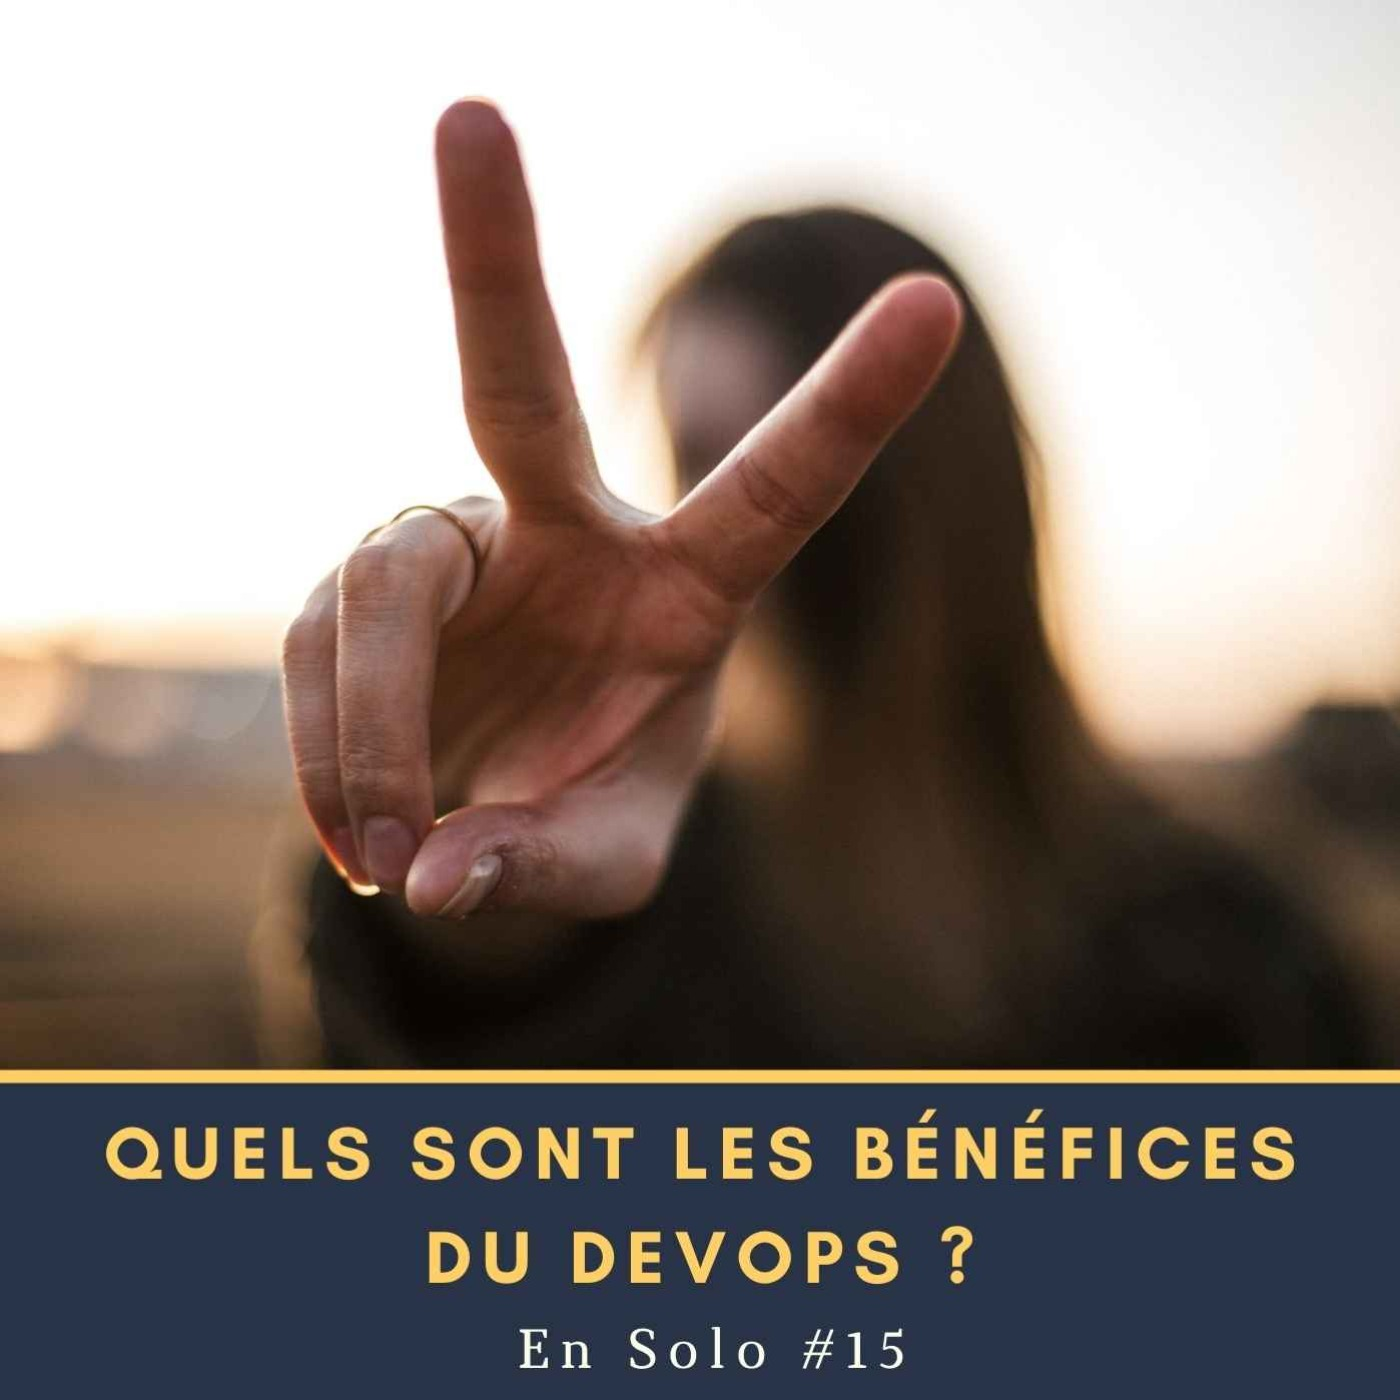 🎙 En Solo #15 - Quels sont les bénéfices du DevOps ?